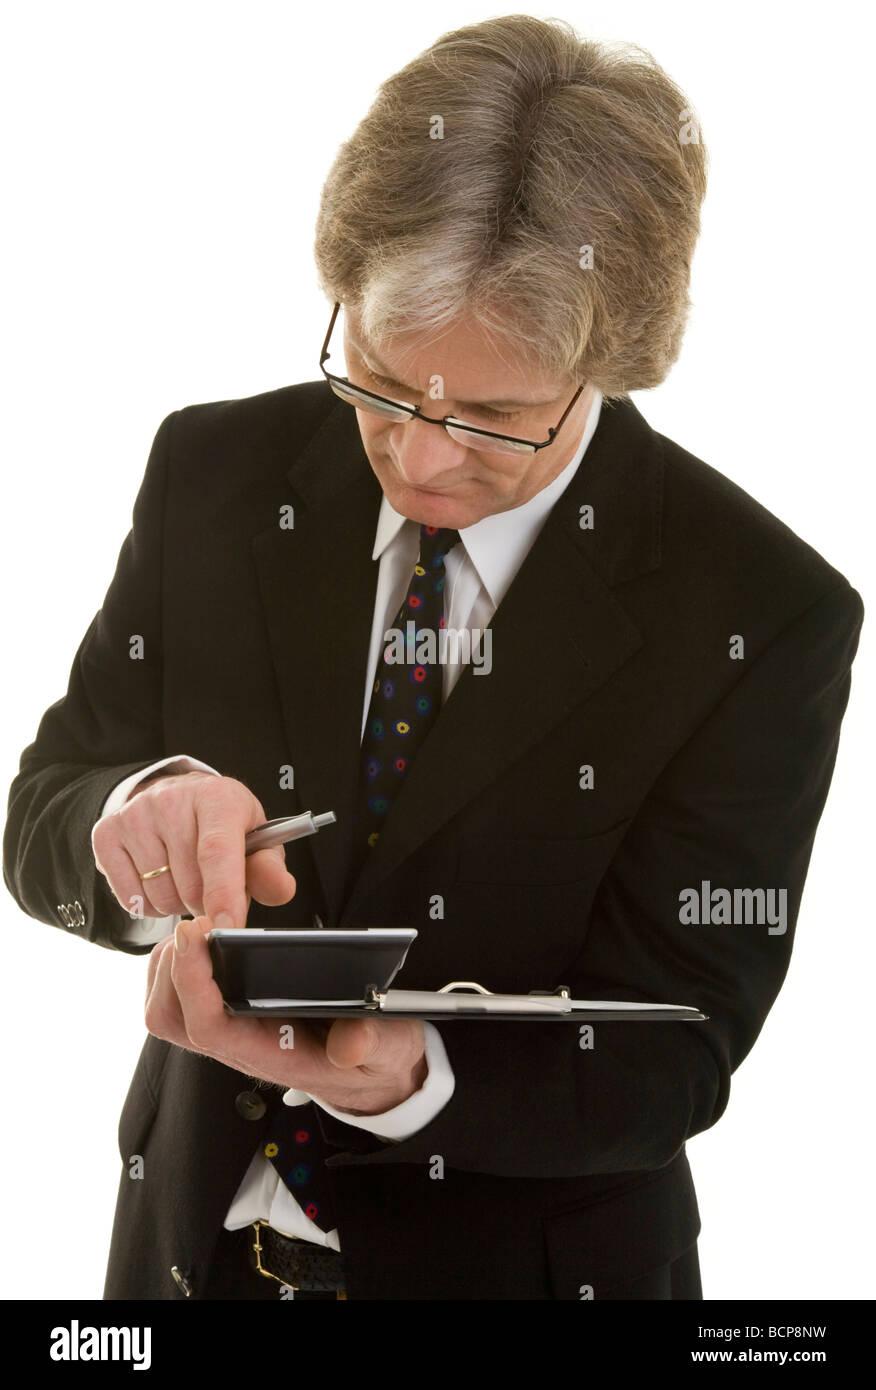 Inspektor mit Klemmbrett tippt Zahlen in einen Taschenrechner - Stock Image